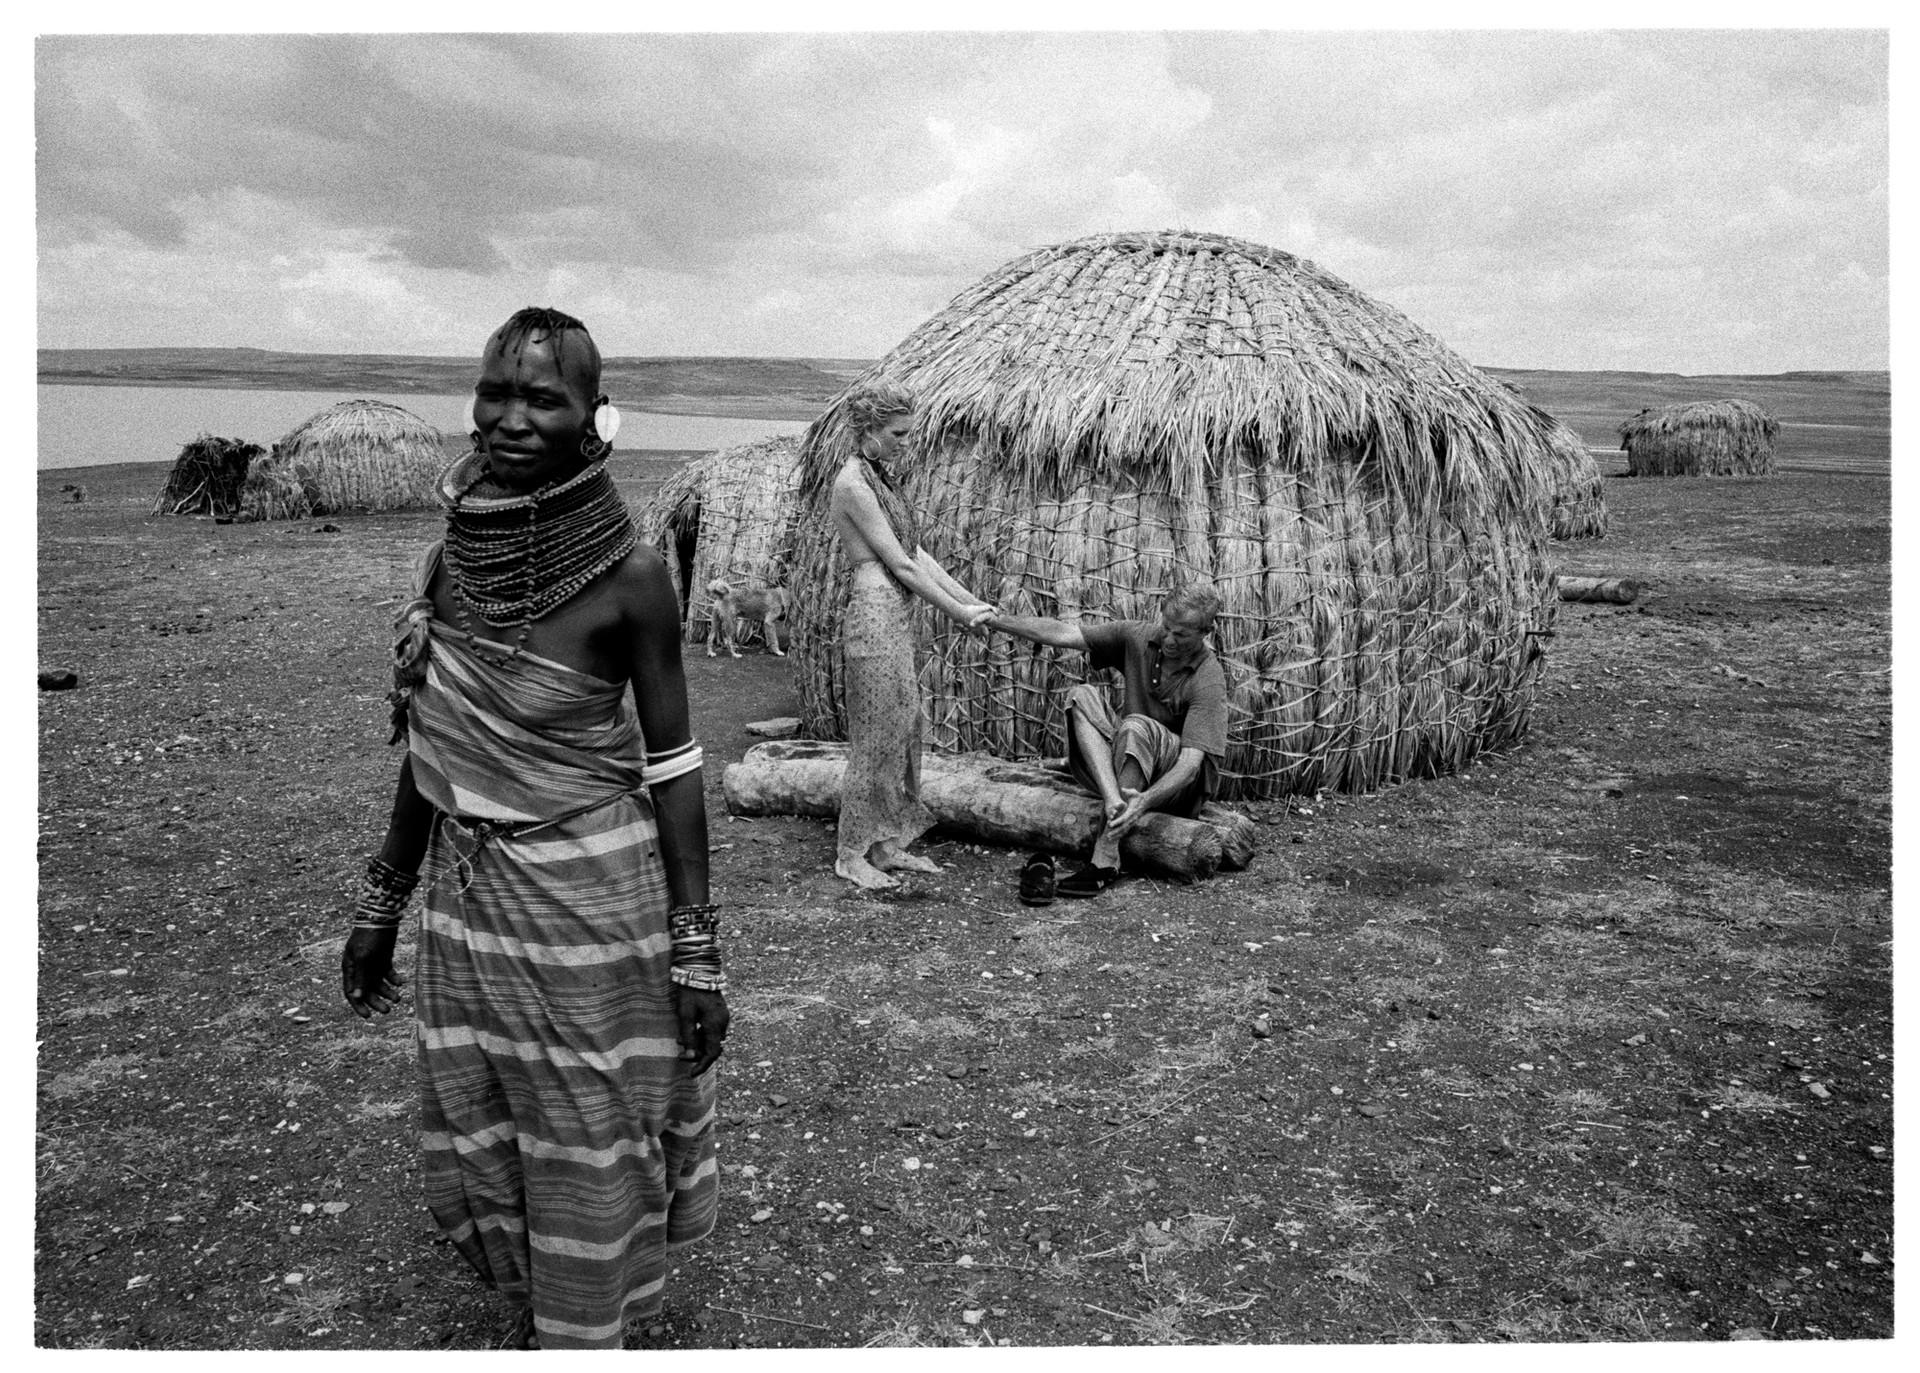 Peter Beard Lake Turkana #2